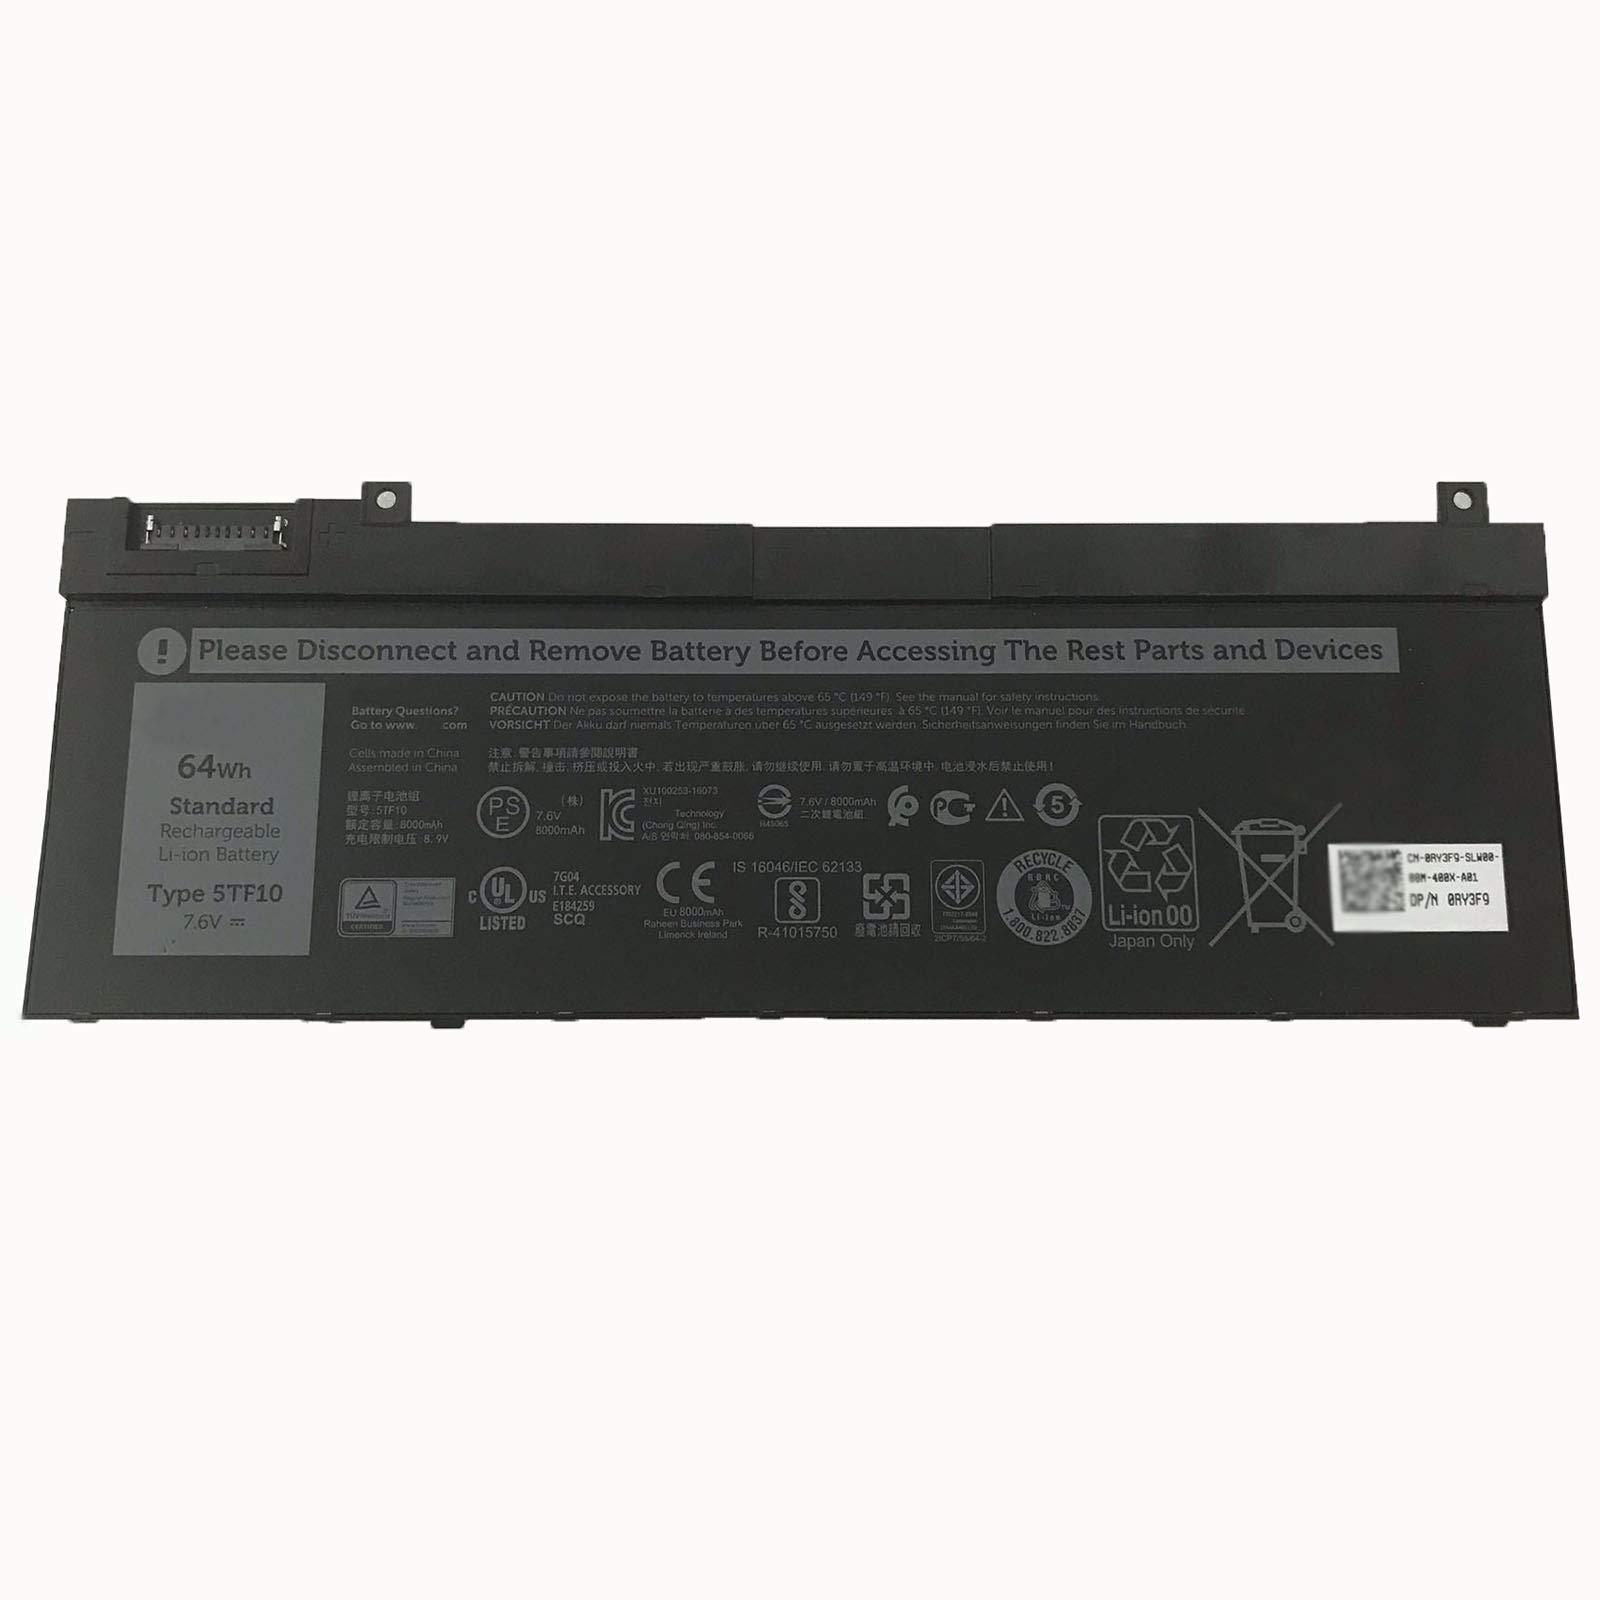 Bateria 7.6V 64Wh/8000mAh 5TF10 Built-in Replace Dell Precis